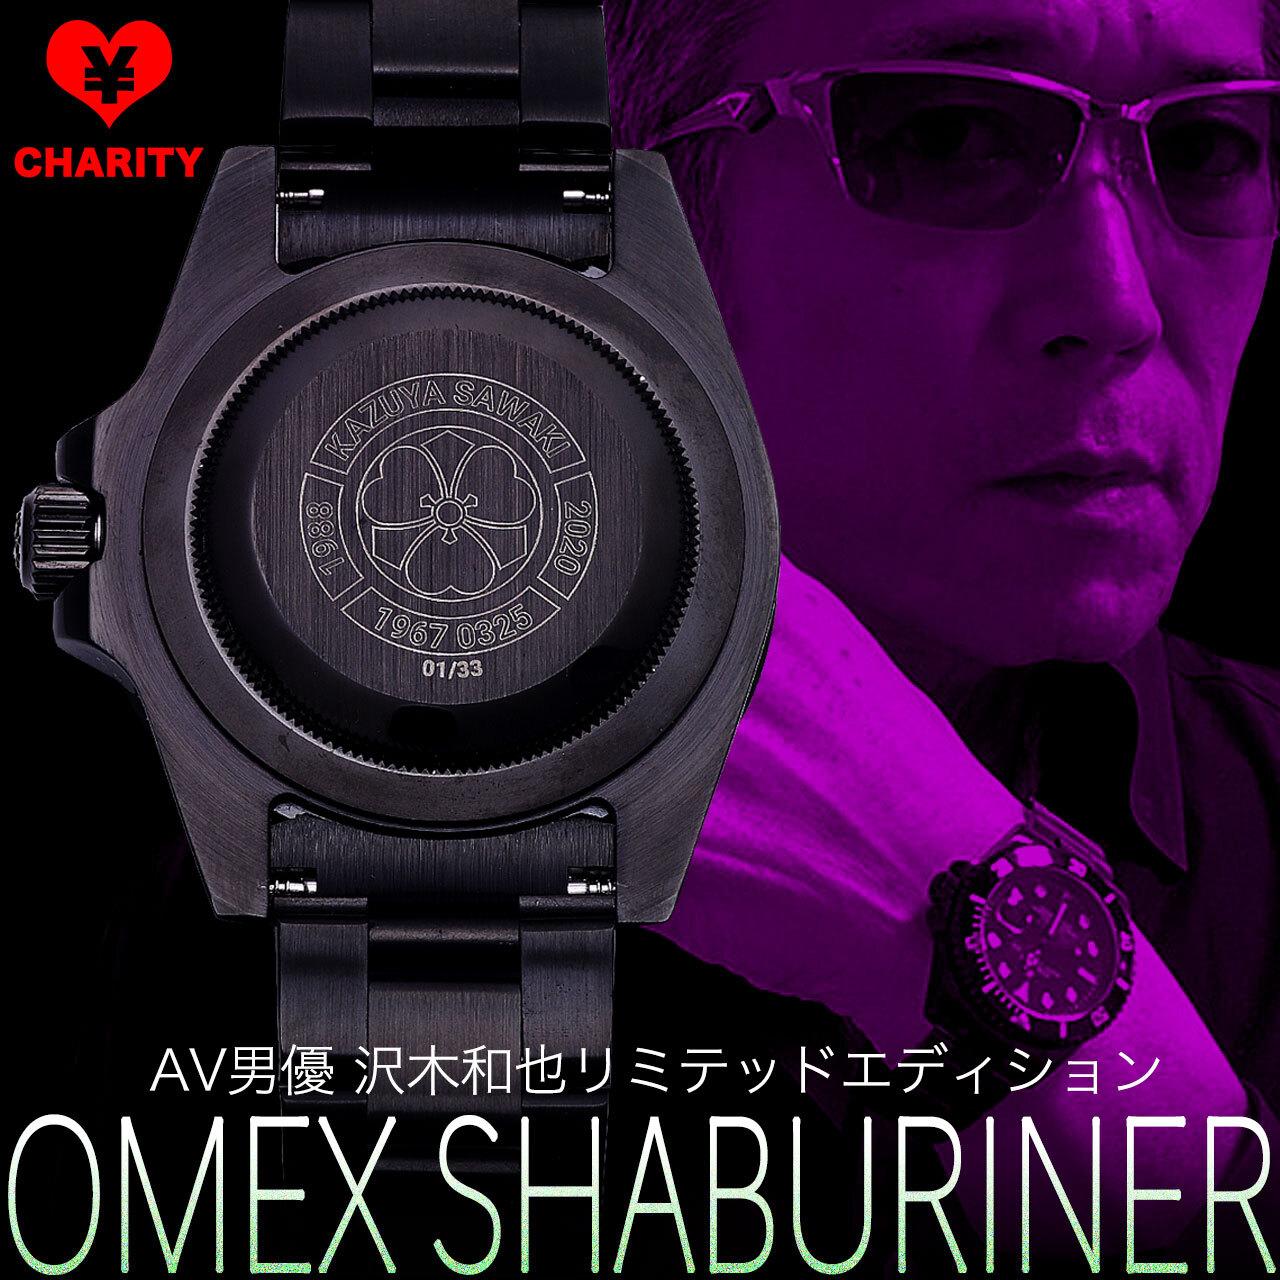 【世界33本限定】OMEX SHABURINER AV男優 沢木和也 リミテッドエディション[5カラー]メンズ クオーツ 腕時計 日本製 ムーブメント ゴールド シルバー